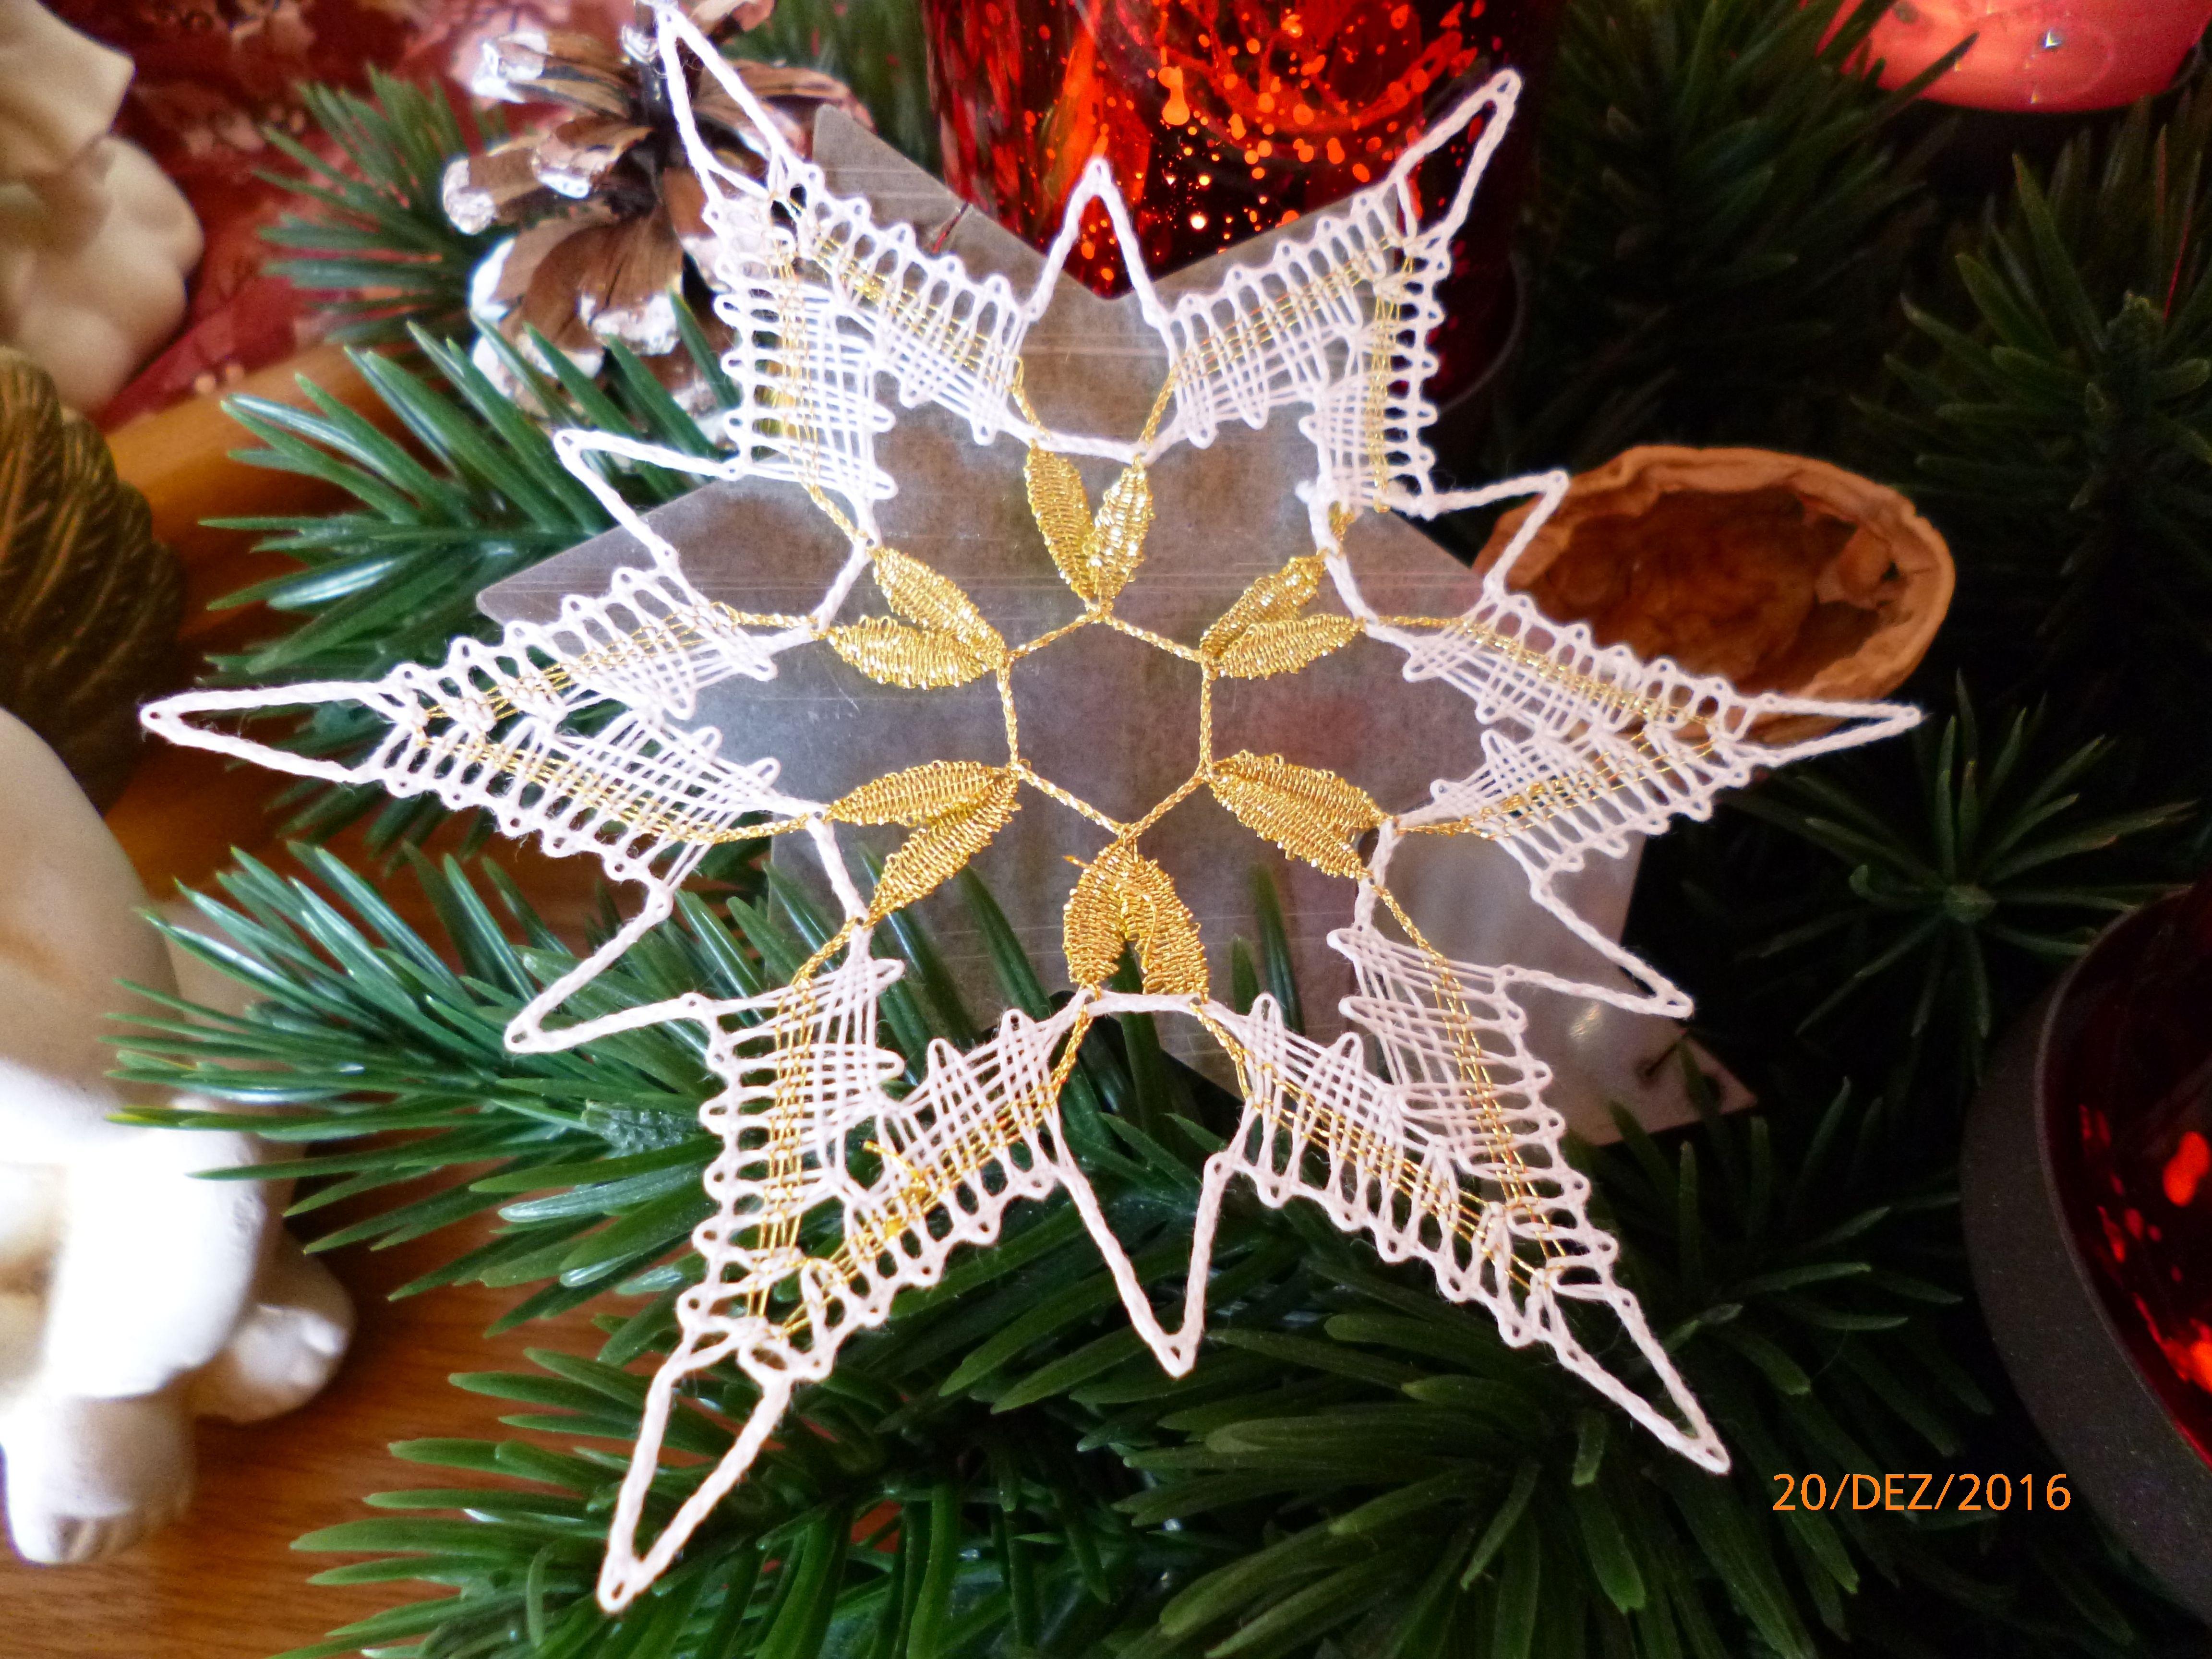 2016 - Weihnachtsstern für den Christbaum - Entwurf von Brigitte Bellon, Germany